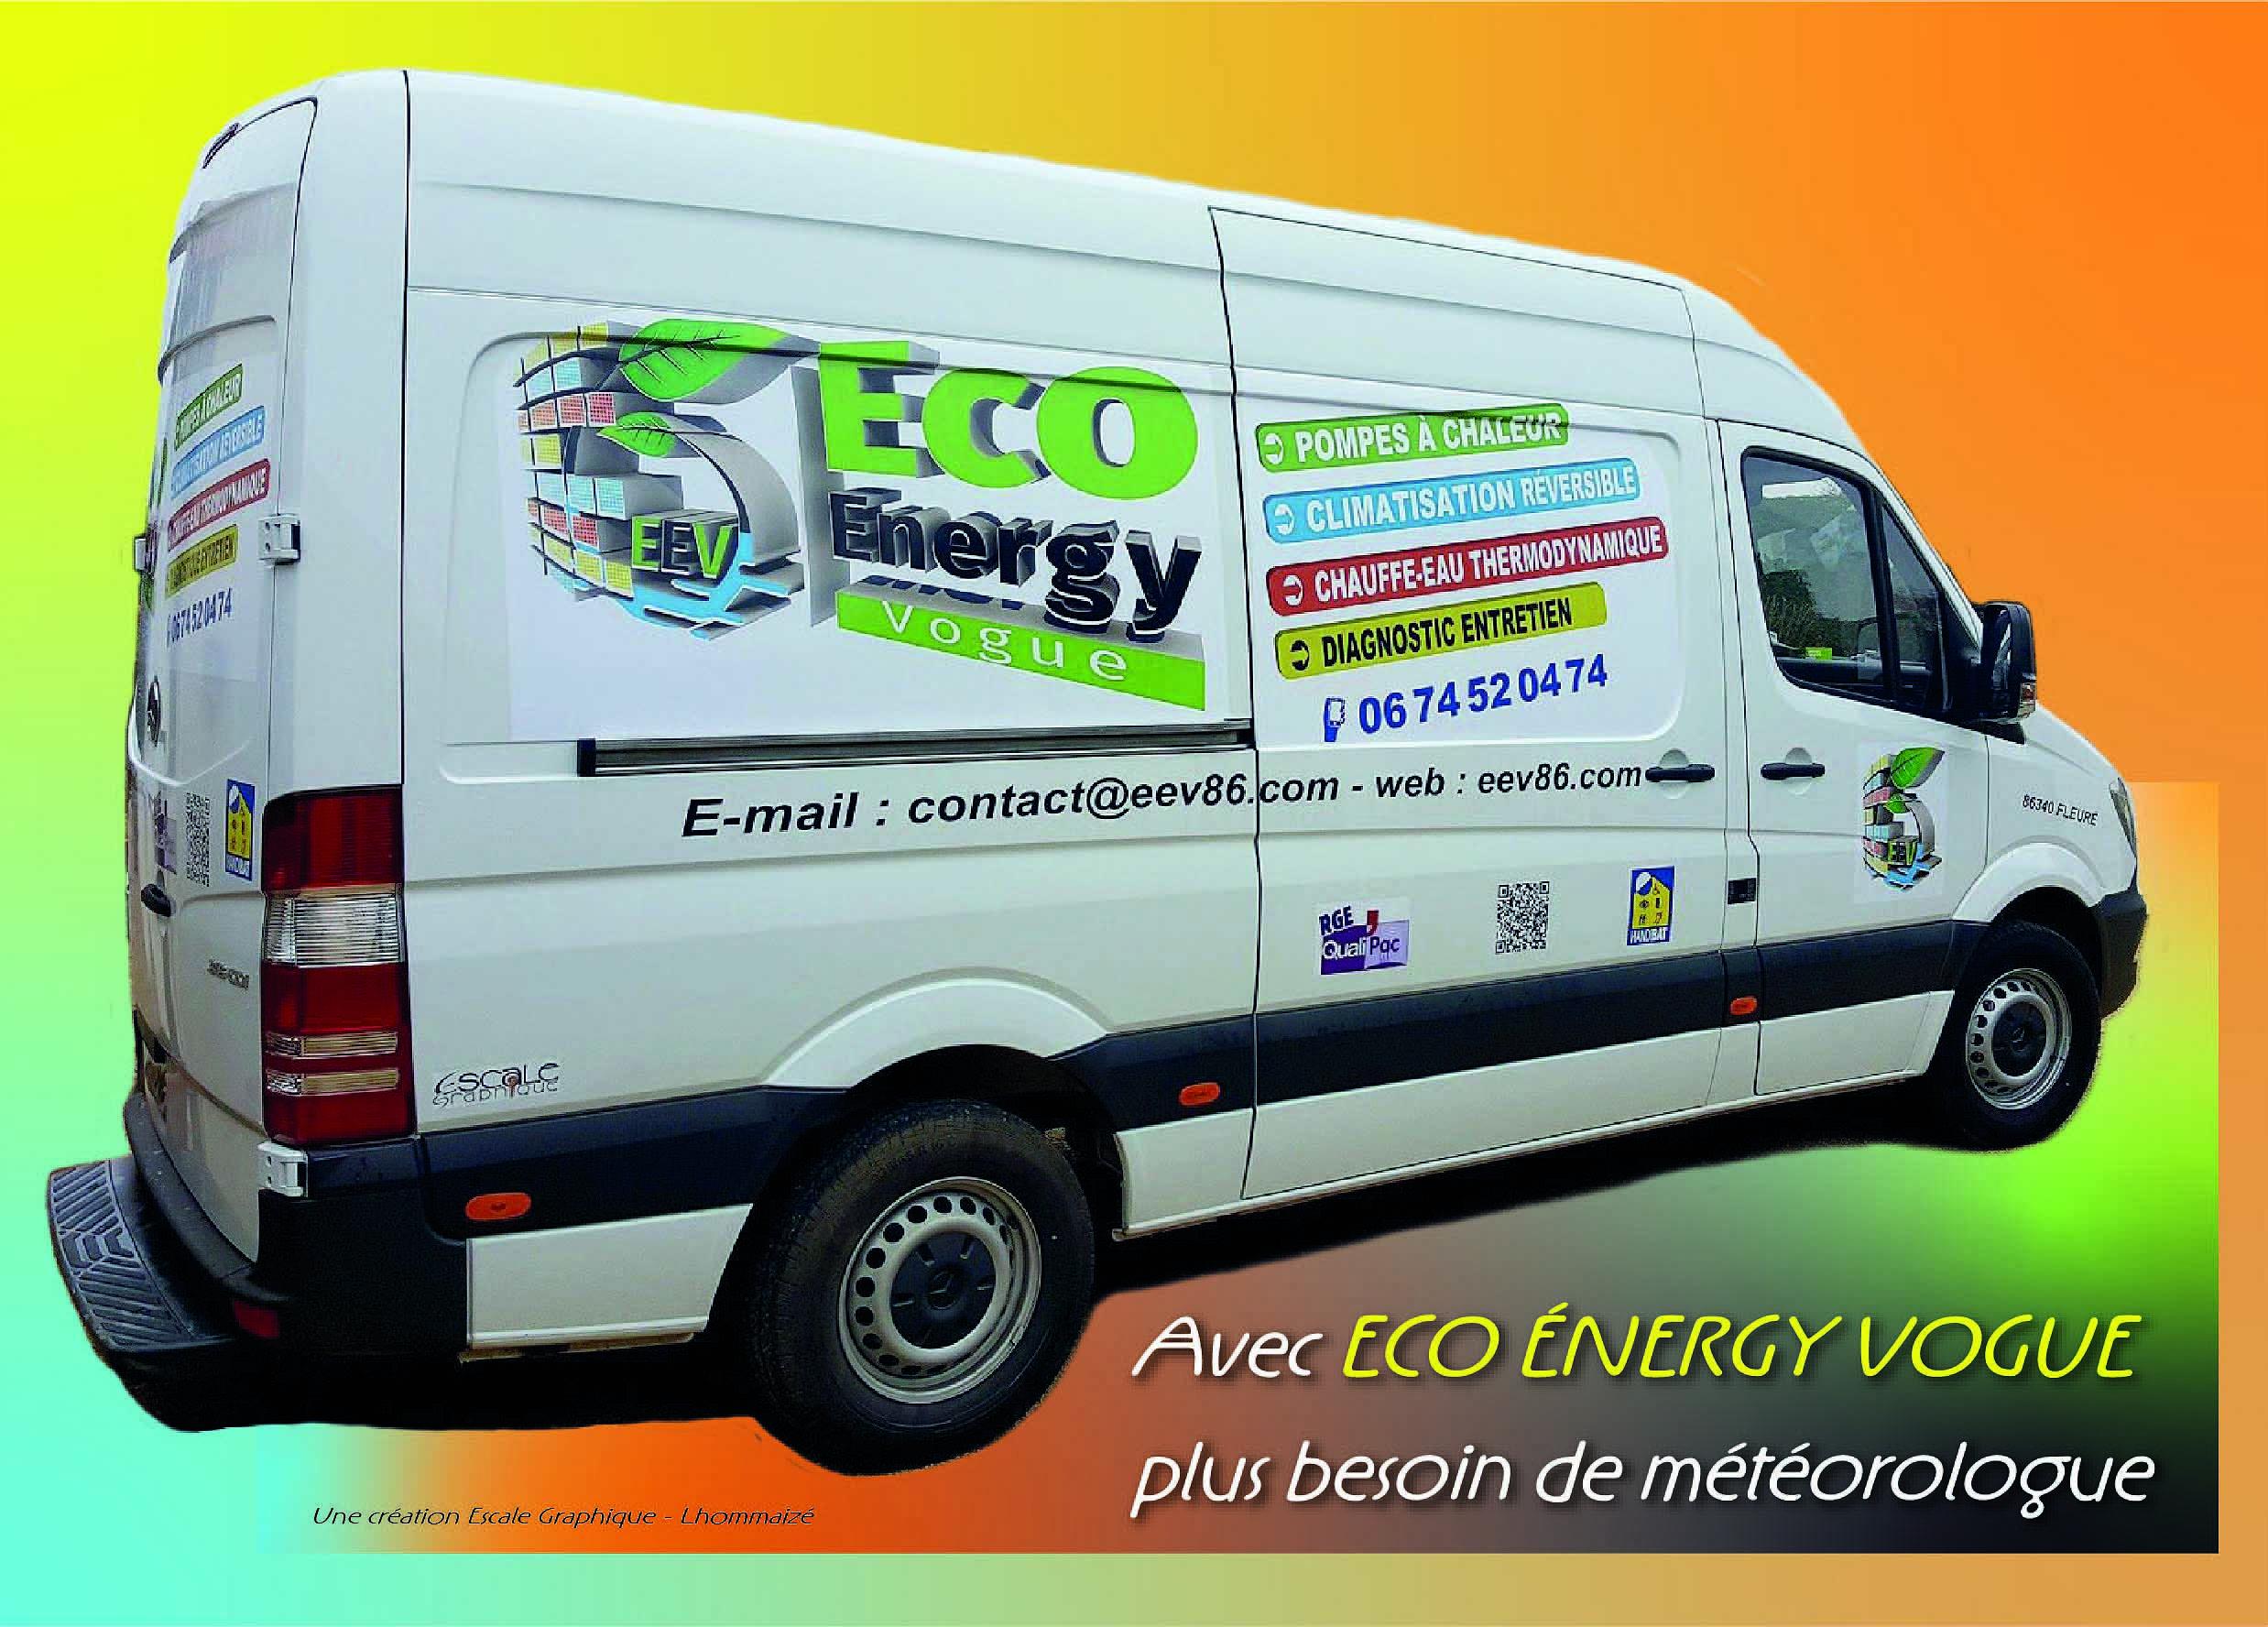 Eco EnergyVogue EEV86